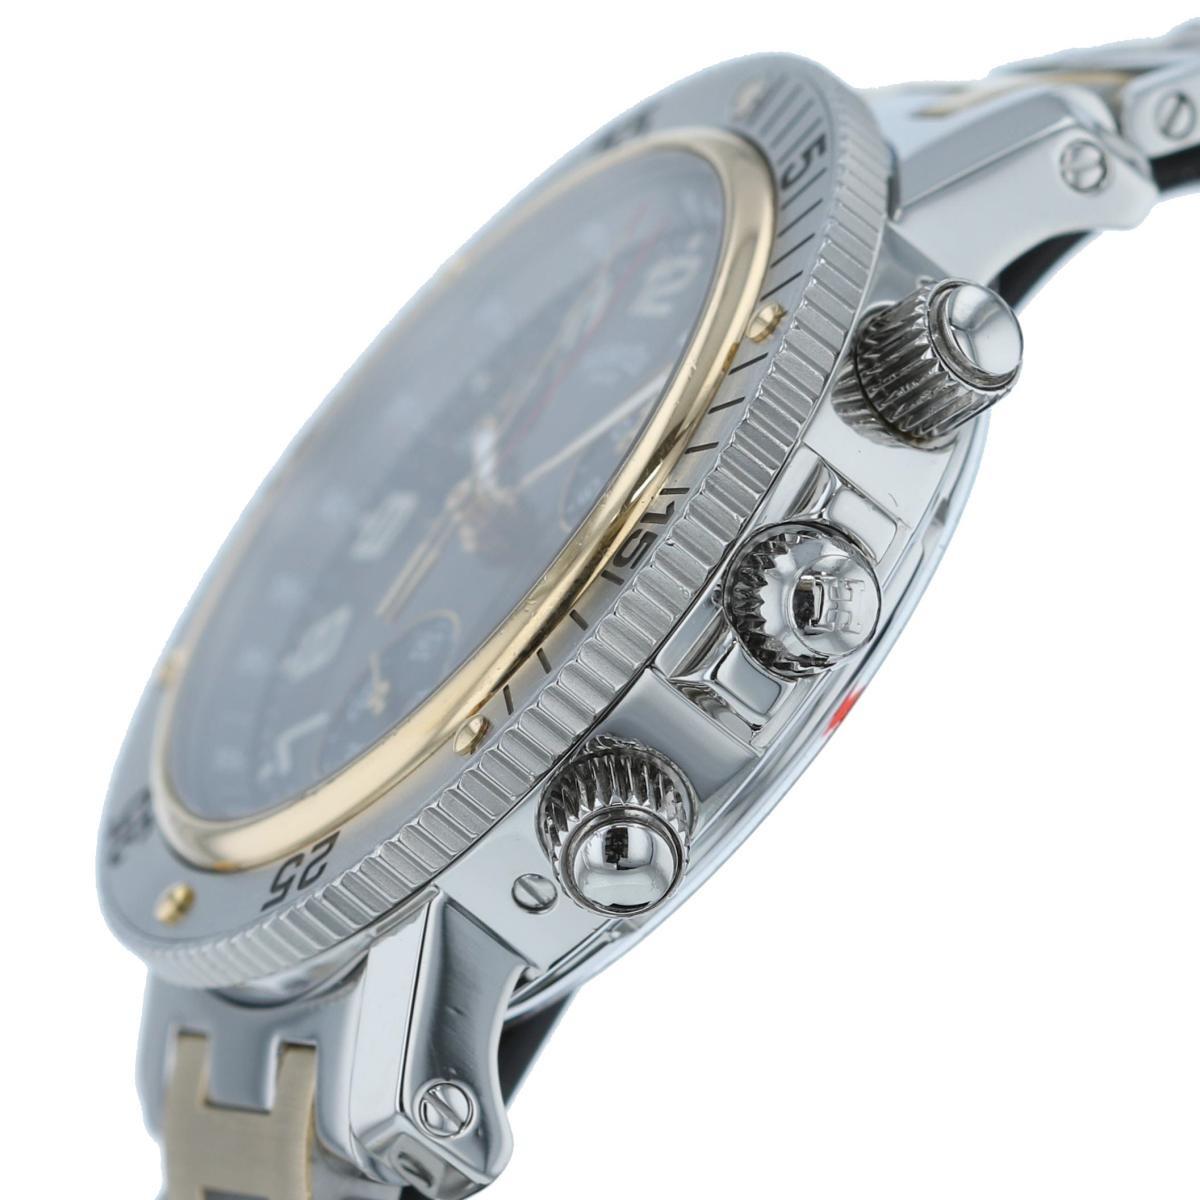 【中古】エルメス クリッパー ダイバー クロノグラフ 39� メンズ クオーツ 時計 HERMES Clipper Diver Chronograph 39mm Mens Quartz Watch CL2.920